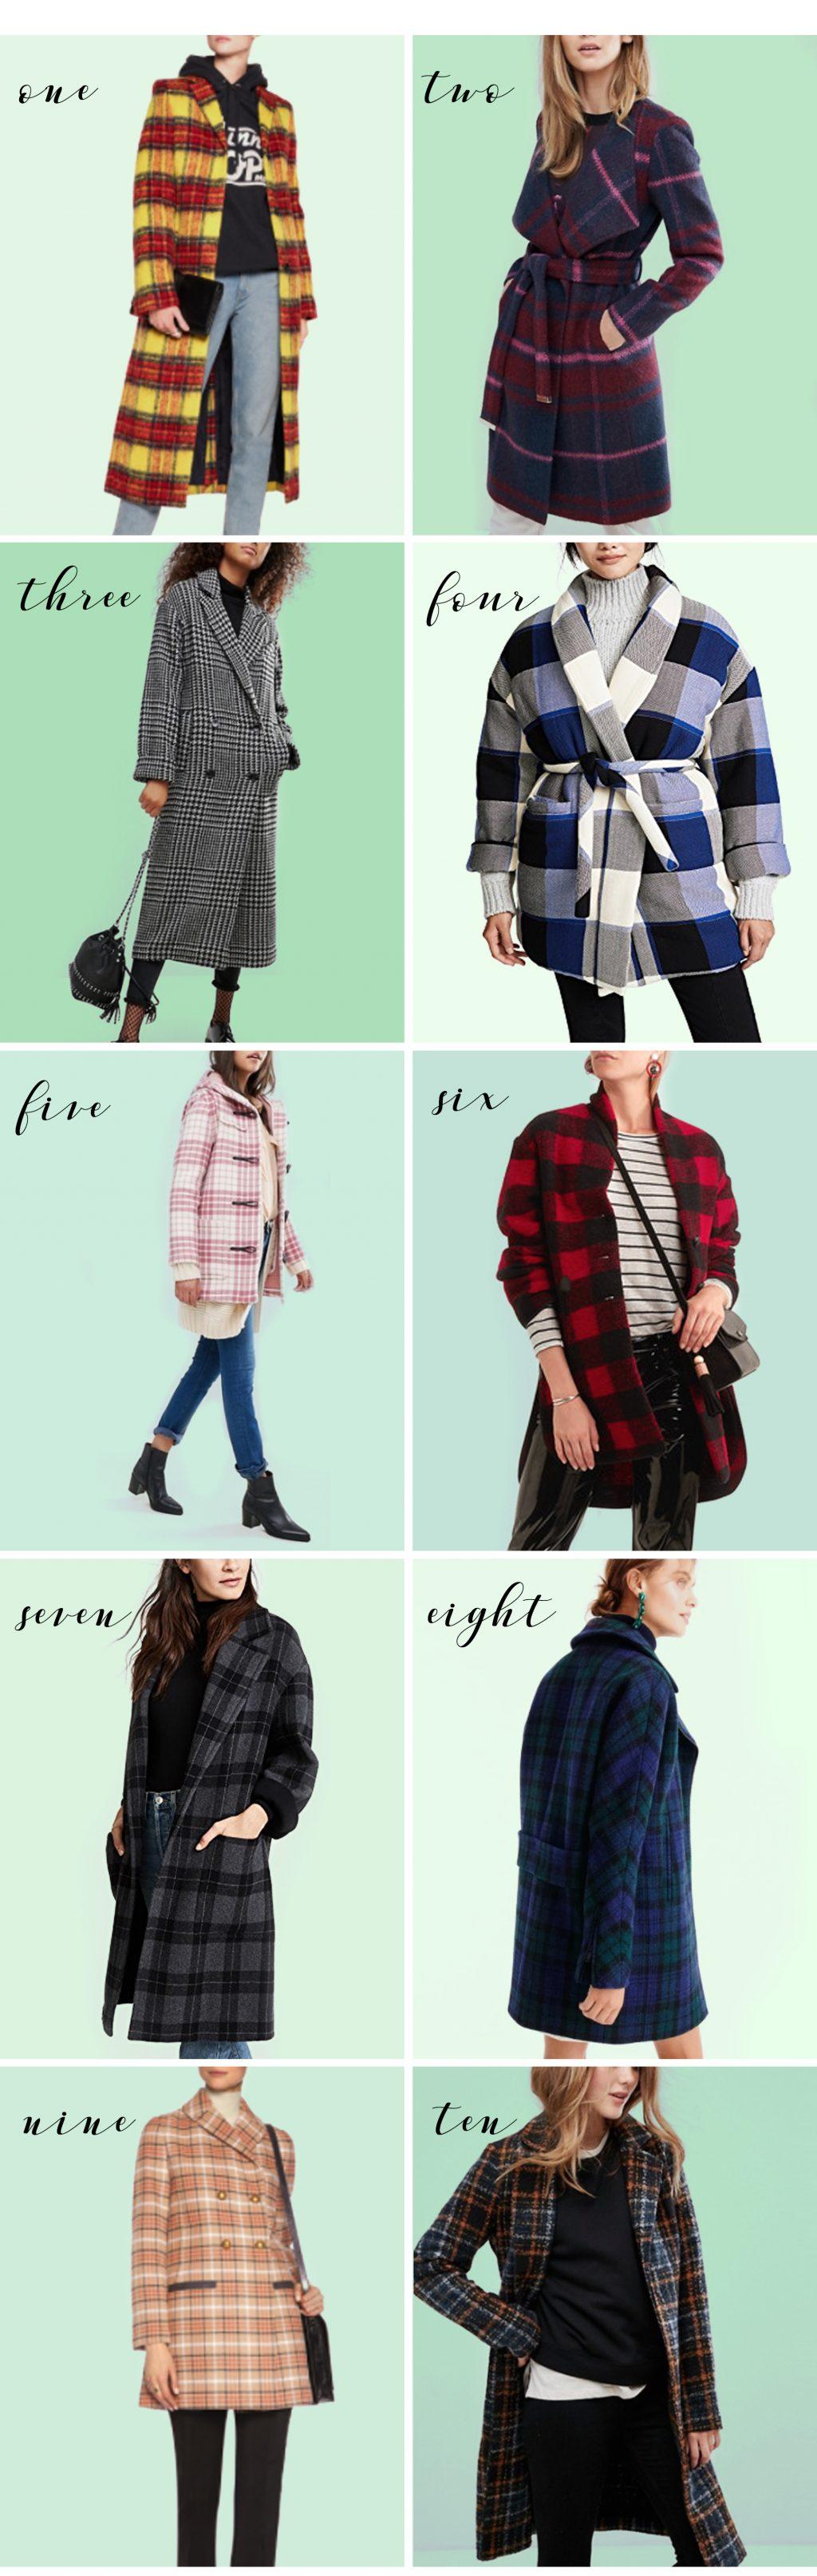 plaid coats blair eadie